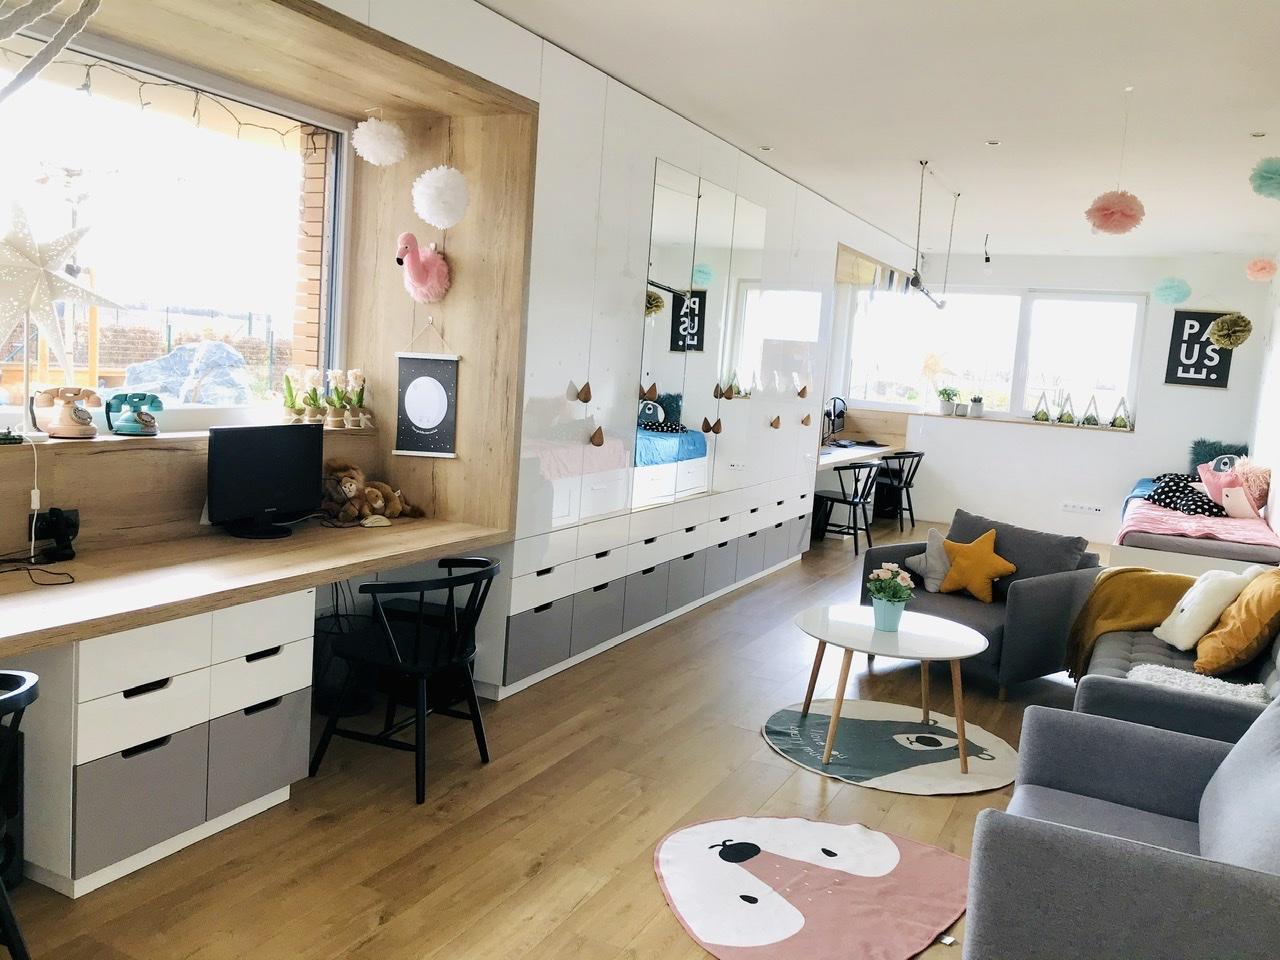 Naše L-ko - 2021 - stále dokončujeme - Dokončený nábytok pre deti - stredná časť izby s gaučíkom a kresielkami  je pre spoločné posedenie, hry odpočinok...